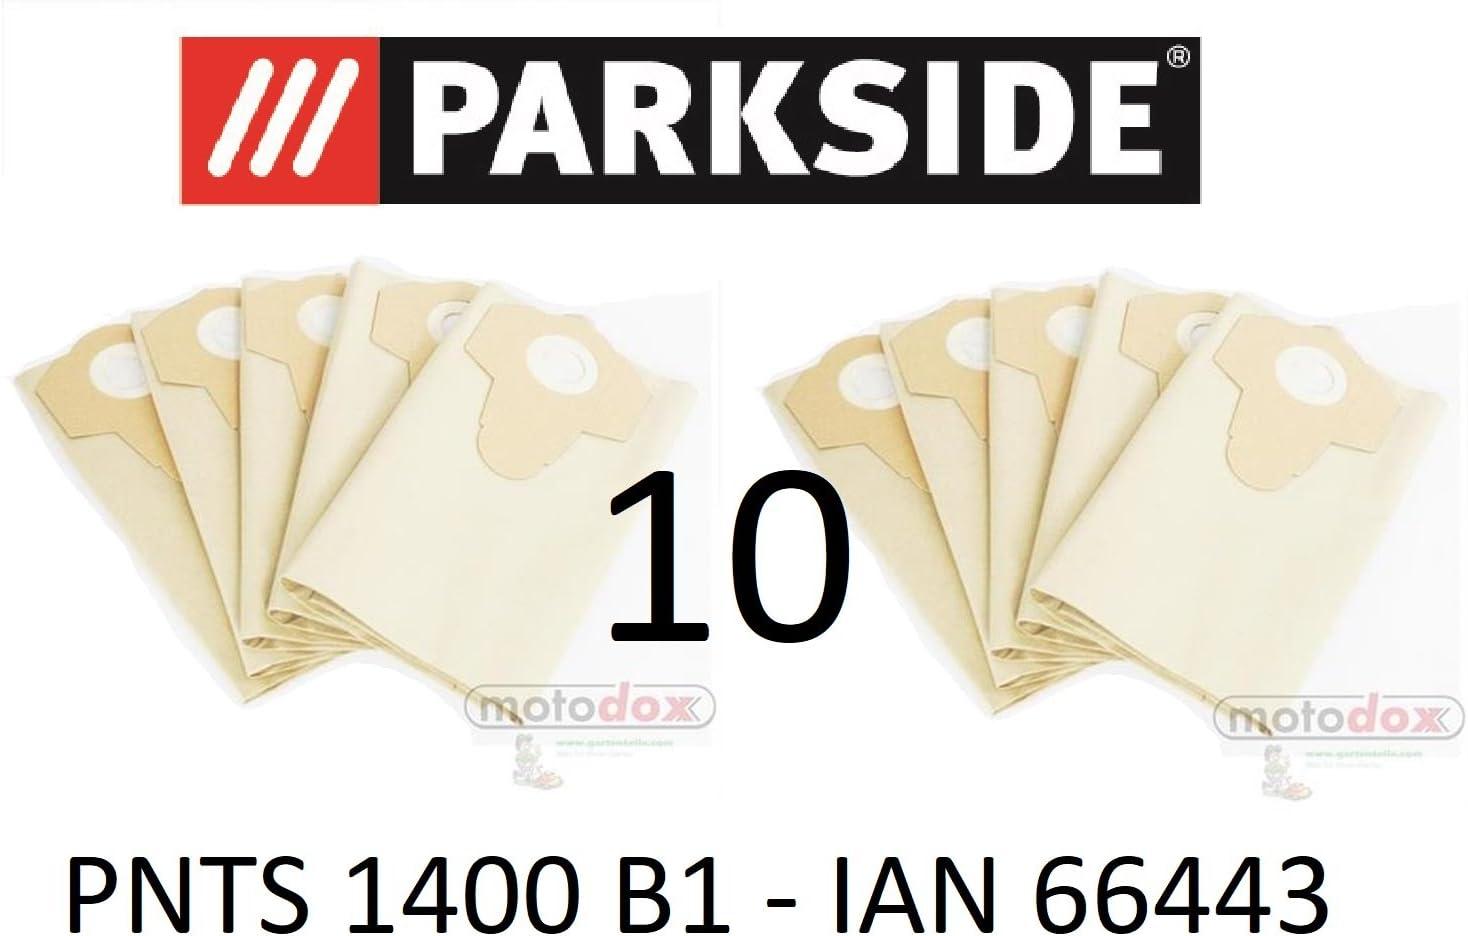 10 bolsas de aspiradora Parkside 30 L pnts 1400 B1 Lidl Ian 66443 ...